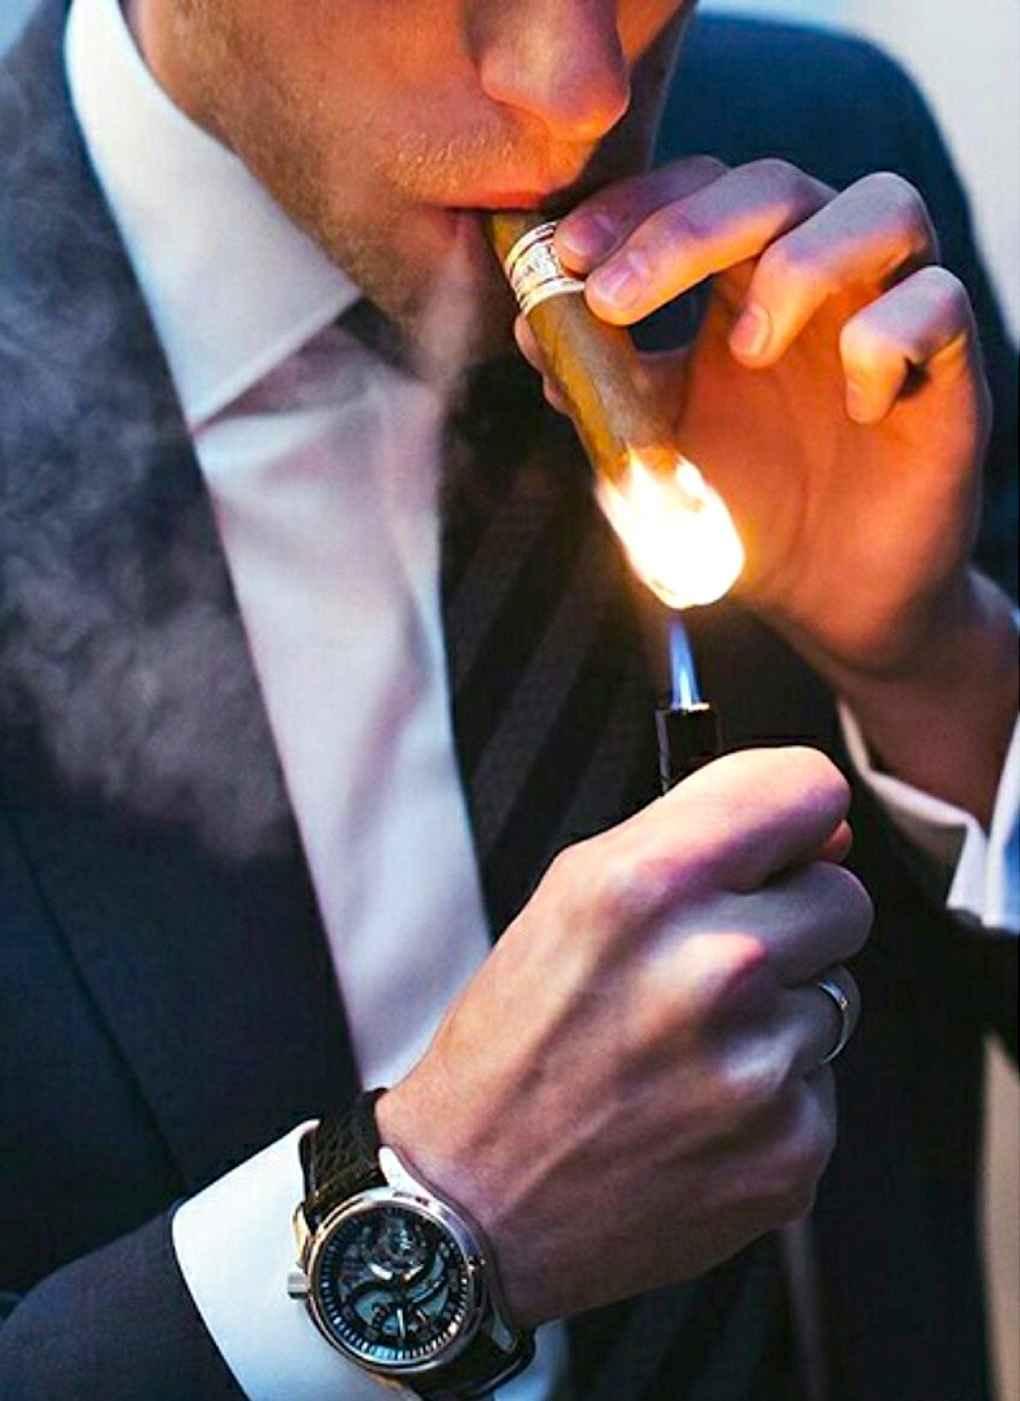 عکس سیگار خوب , عکس سیگار مادوکس مشکی , عکس پروفایل از سیگار